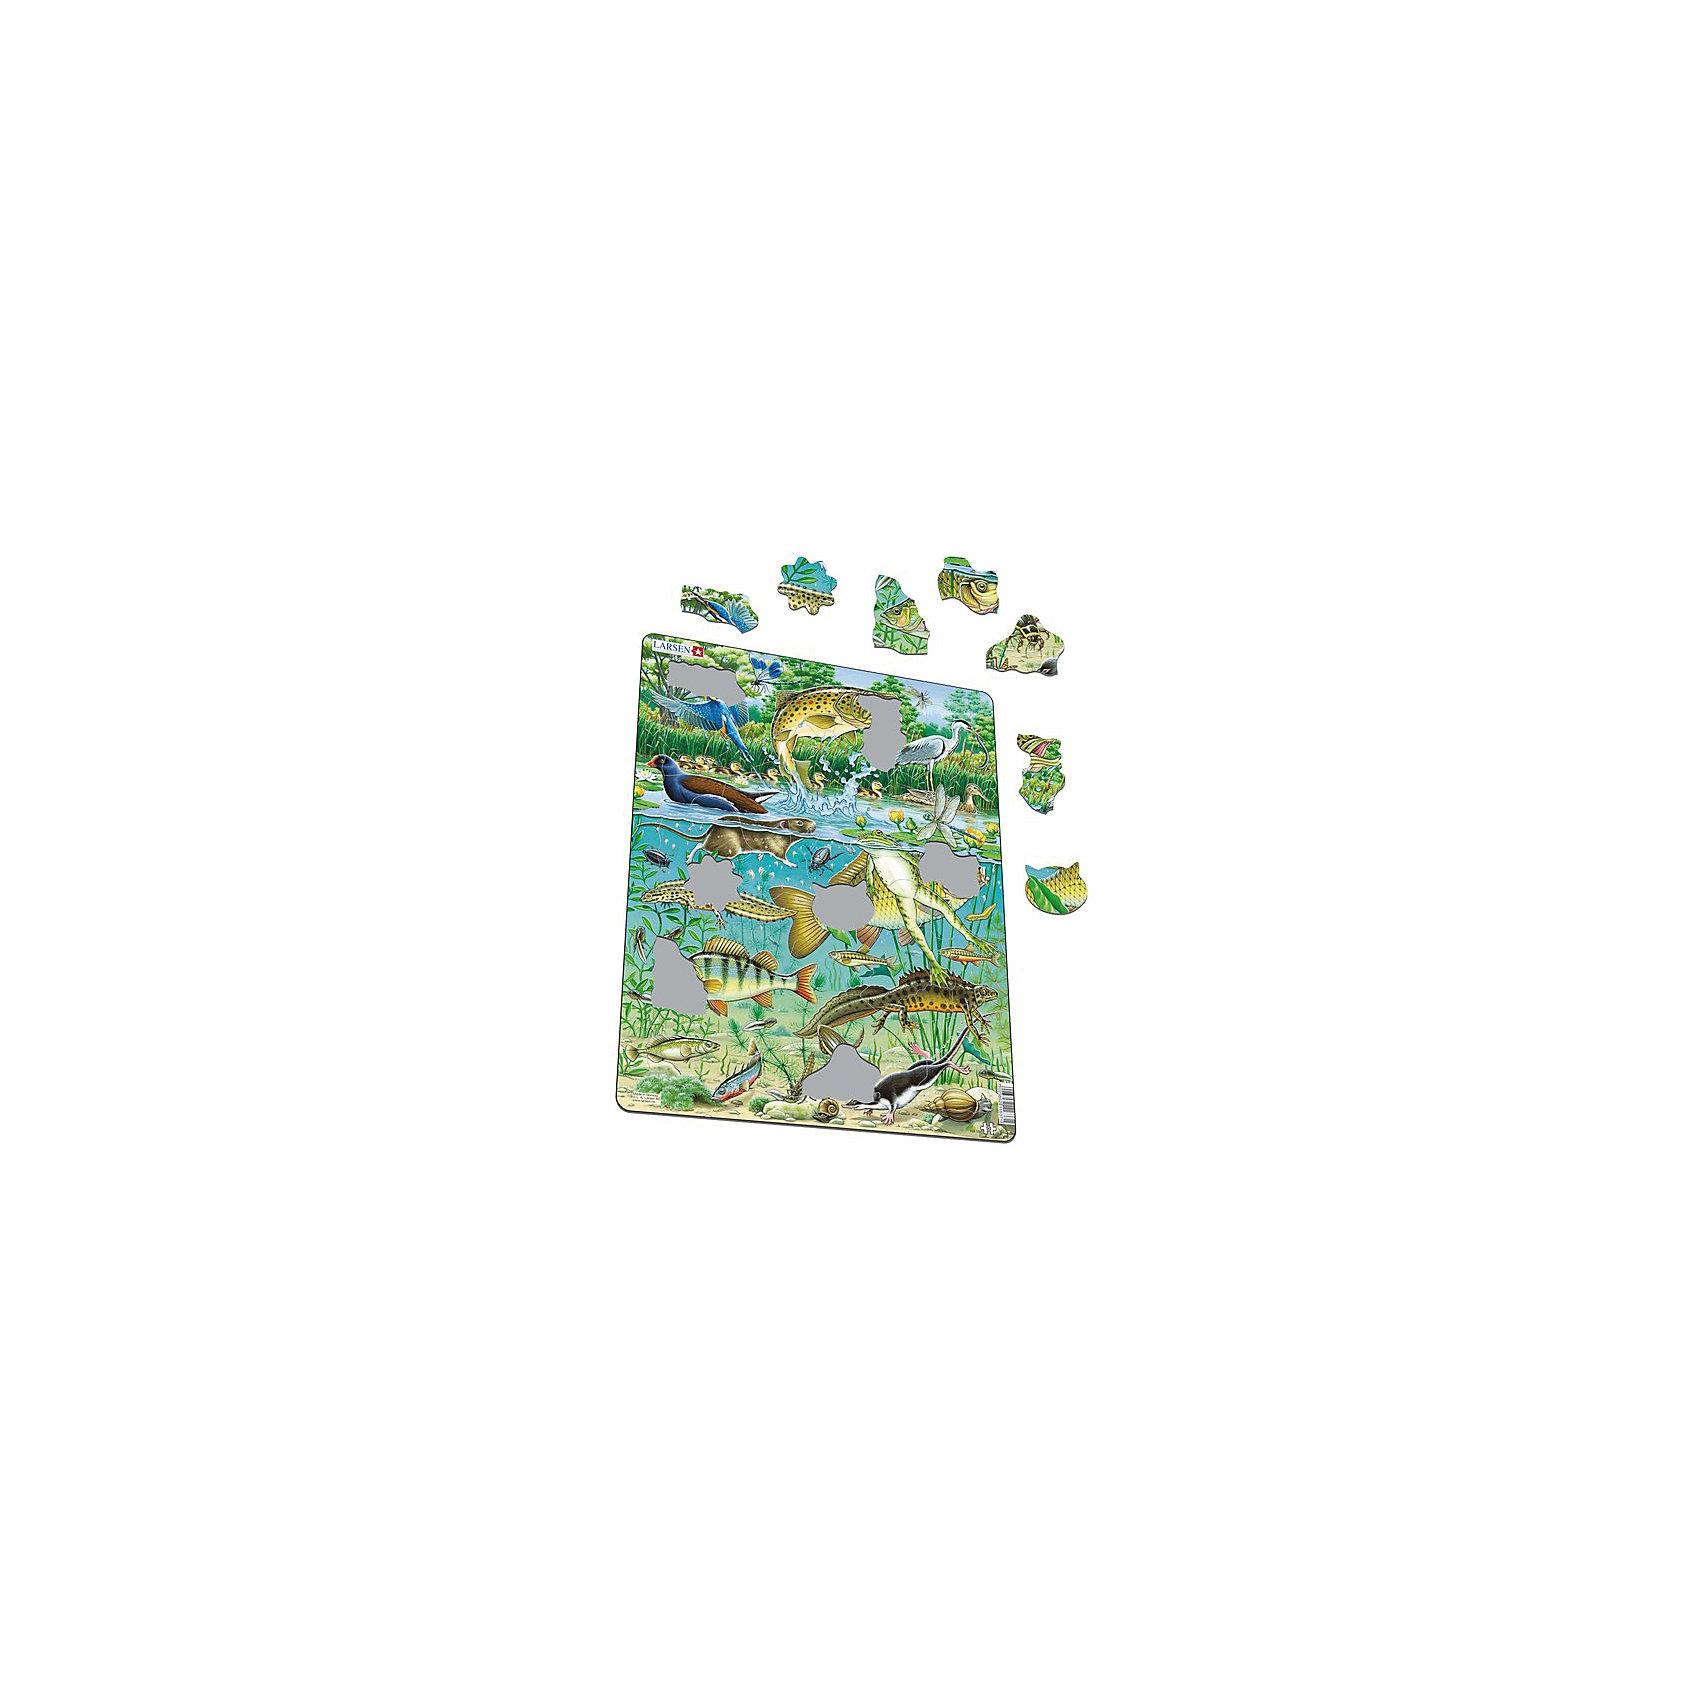 Пазл Пруд, 50 деталей, LarsenПазлы для малышей<br>Пазл Пруд, 50 деталей, Larsen (Ларсен) – это высококачественный обучающий пазл-рамка серии «Флора и Фауна».<br>Яркий красивый пазл-рамка Пруд – это пазл на котором с фотографической точностью прорисованы обитатели и растительный мир пруда. Пазл имеет специальную рамку с подложкой, на которой выдавлены контуры деталей, что облегчит процесс сборки. Детали пазла изготовлены из высококачественного плотного трехслойного картона. Они не деформируются, хорошо сцепляются друг с другом, не расслаиваются. Рисунок не стирается. Занятия по сборке пазла развивают образное и логическое мышление, пространственное воображение, память, внимание, усидчивость, координацию движений и мелкую моторику.<br><br>Дополнительная информация:<br><br>- Количество деталей: 50<br>- Размер собранной картинки: 36,5х28,5 см.<br>- Материал: плотный трехслойный картон<br>- Размер упаковки: 36,5х0,5х28,5 см.<br><br>Пазл Пруд, 50 деталей, Larsen (Ларсен) можно купить в нашем интернет-магазине.<br><br>Ширина мм: 365<br>Глубина мм: 285<br>Высота мм: 43<br>Вес г: 300<br>Возраст от месяцев: 48<br>Возраст до месяцев: 72<br>Пол: Унисекс<br>Возраст: Детский<br>Количество деталей: 80<br>SKU: 1604371